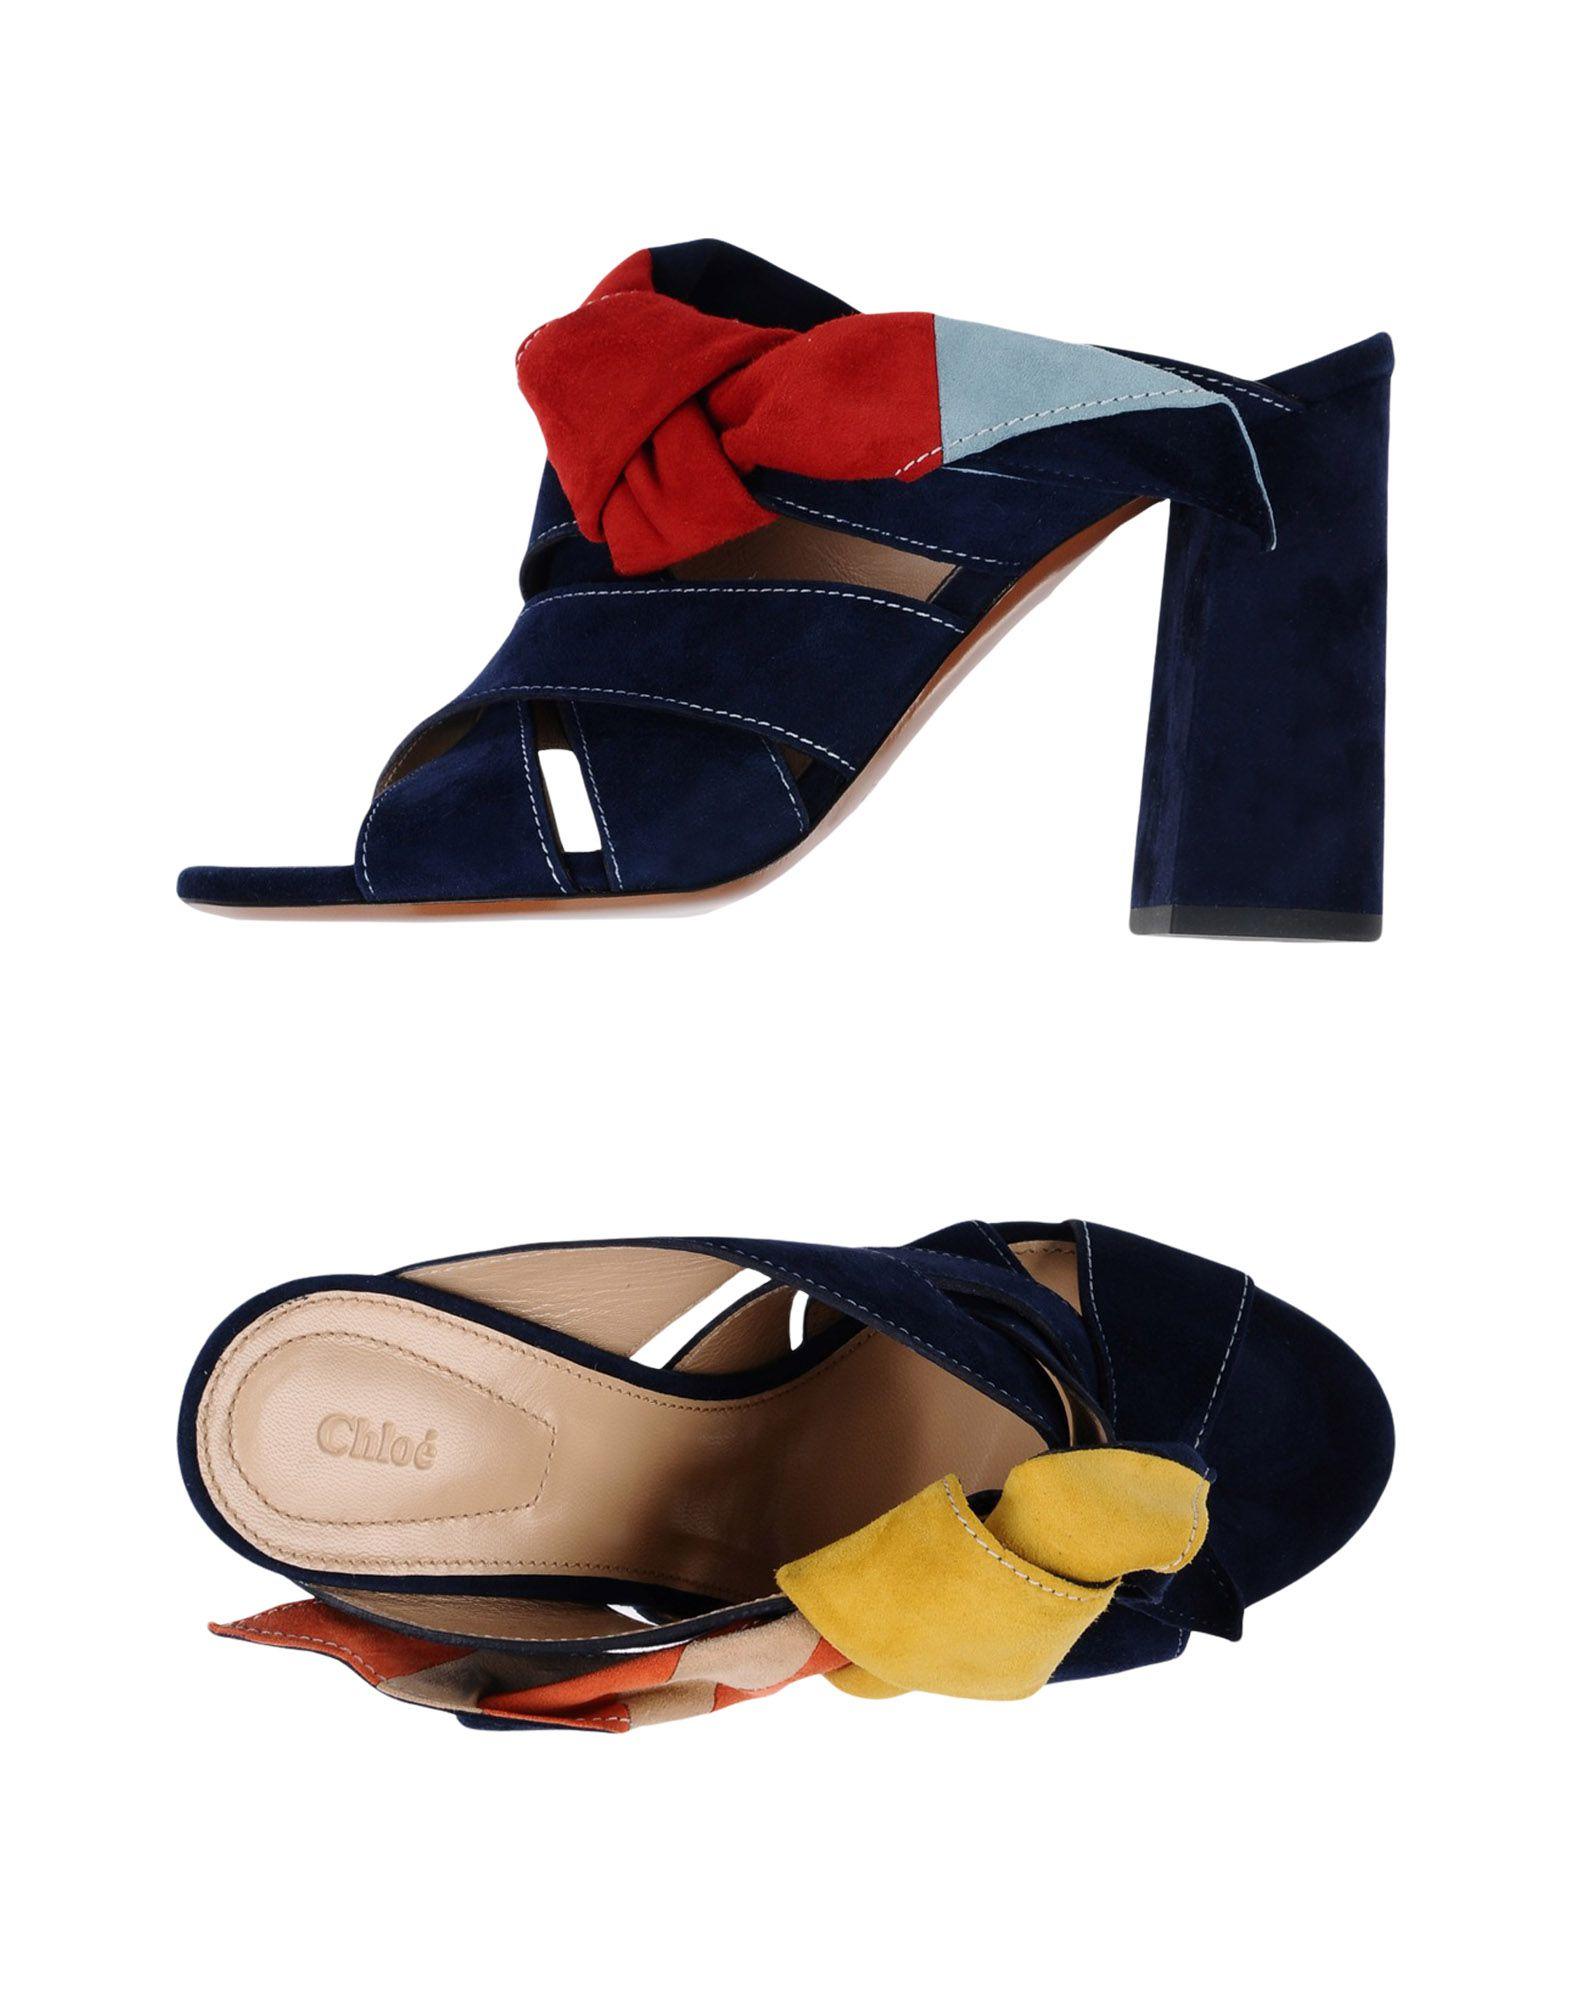 Chloé Sandals - Women Chloé Sandals online on  - Australia -  11398486QC 989c71